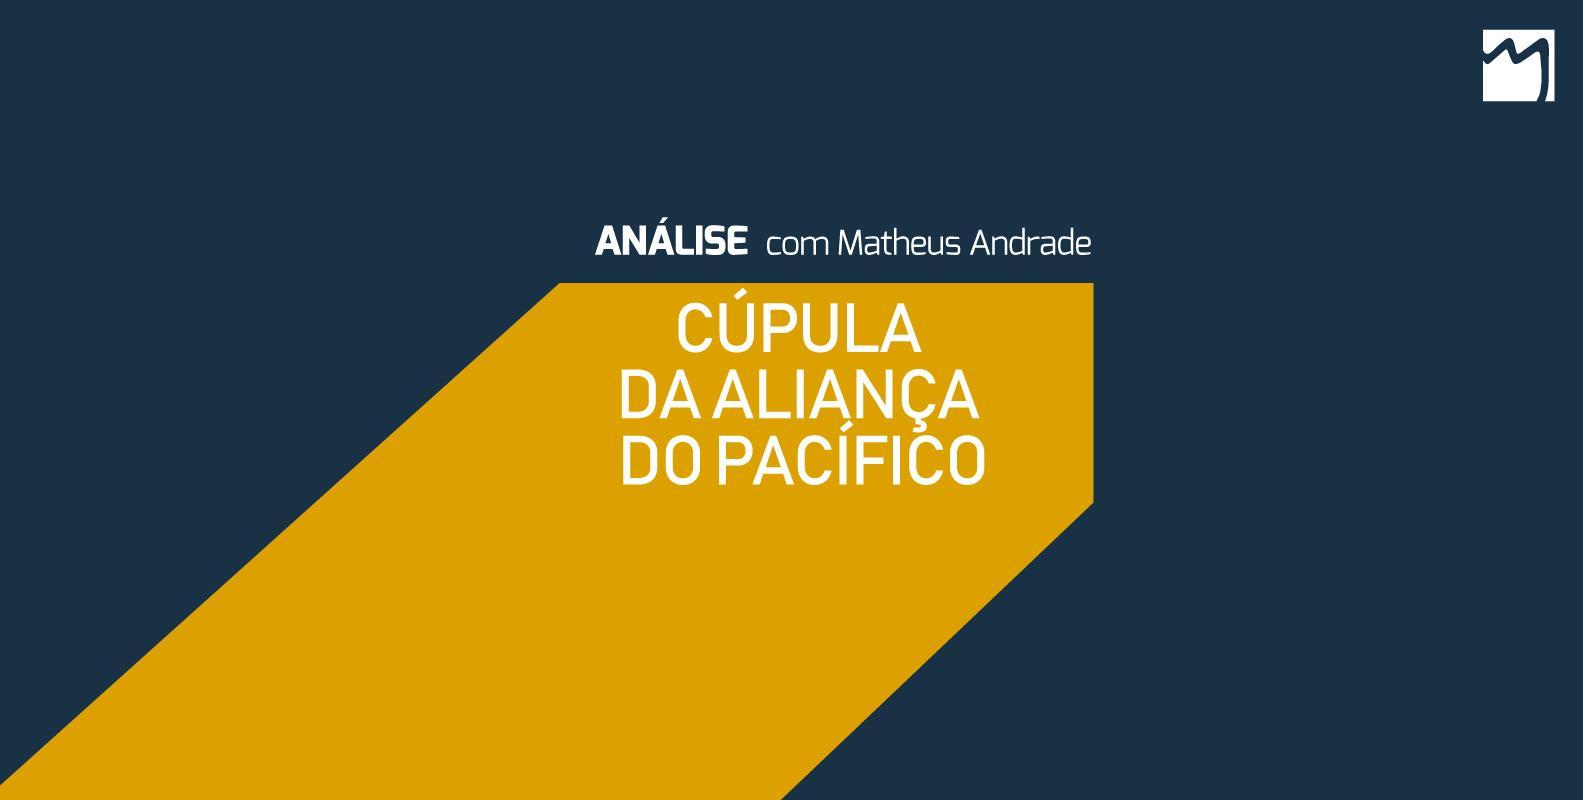 Análise com Matheus Andrade